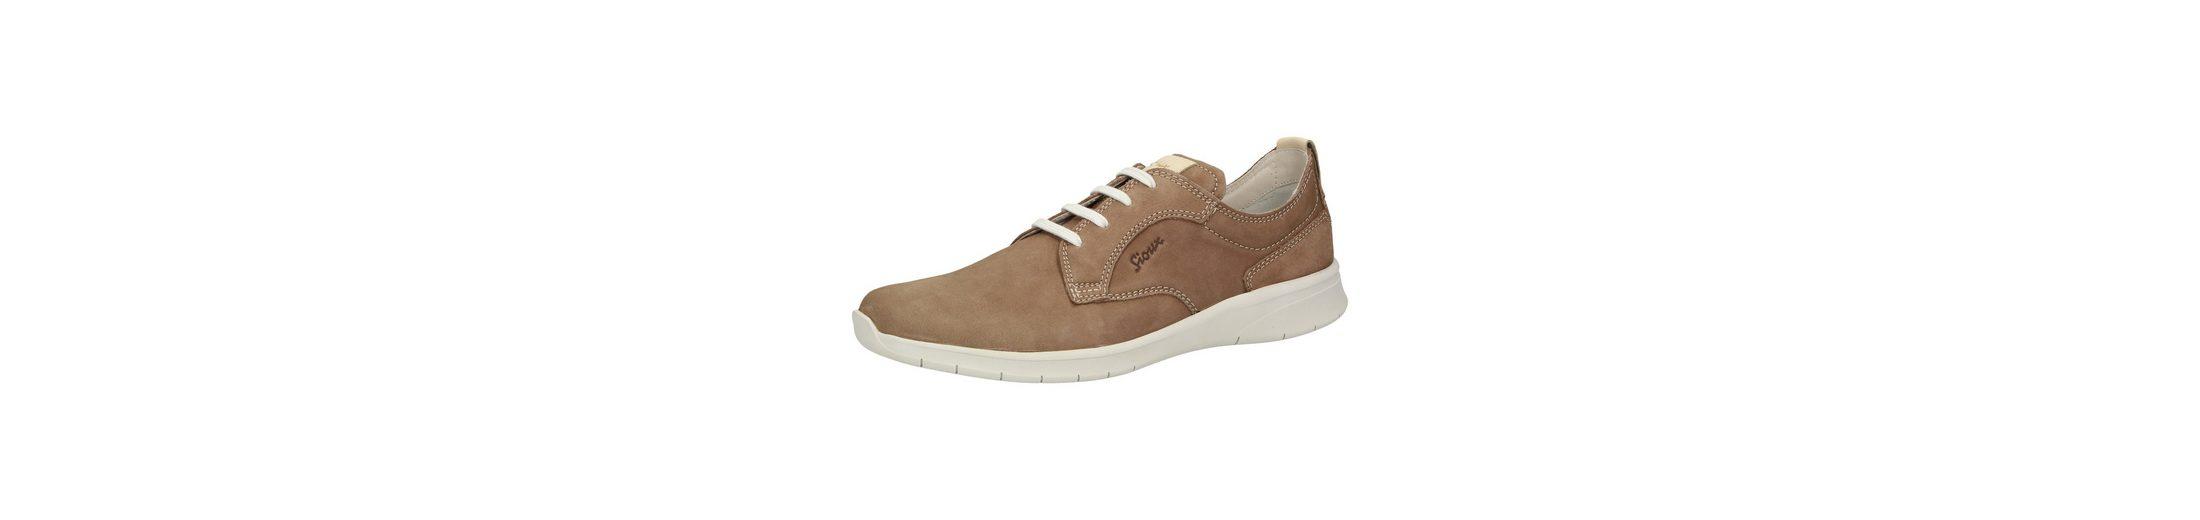 SIOUX Heimito-700-XL Sneaker Online-Bilder Verkauf 100% Authentisch SYdRiocc